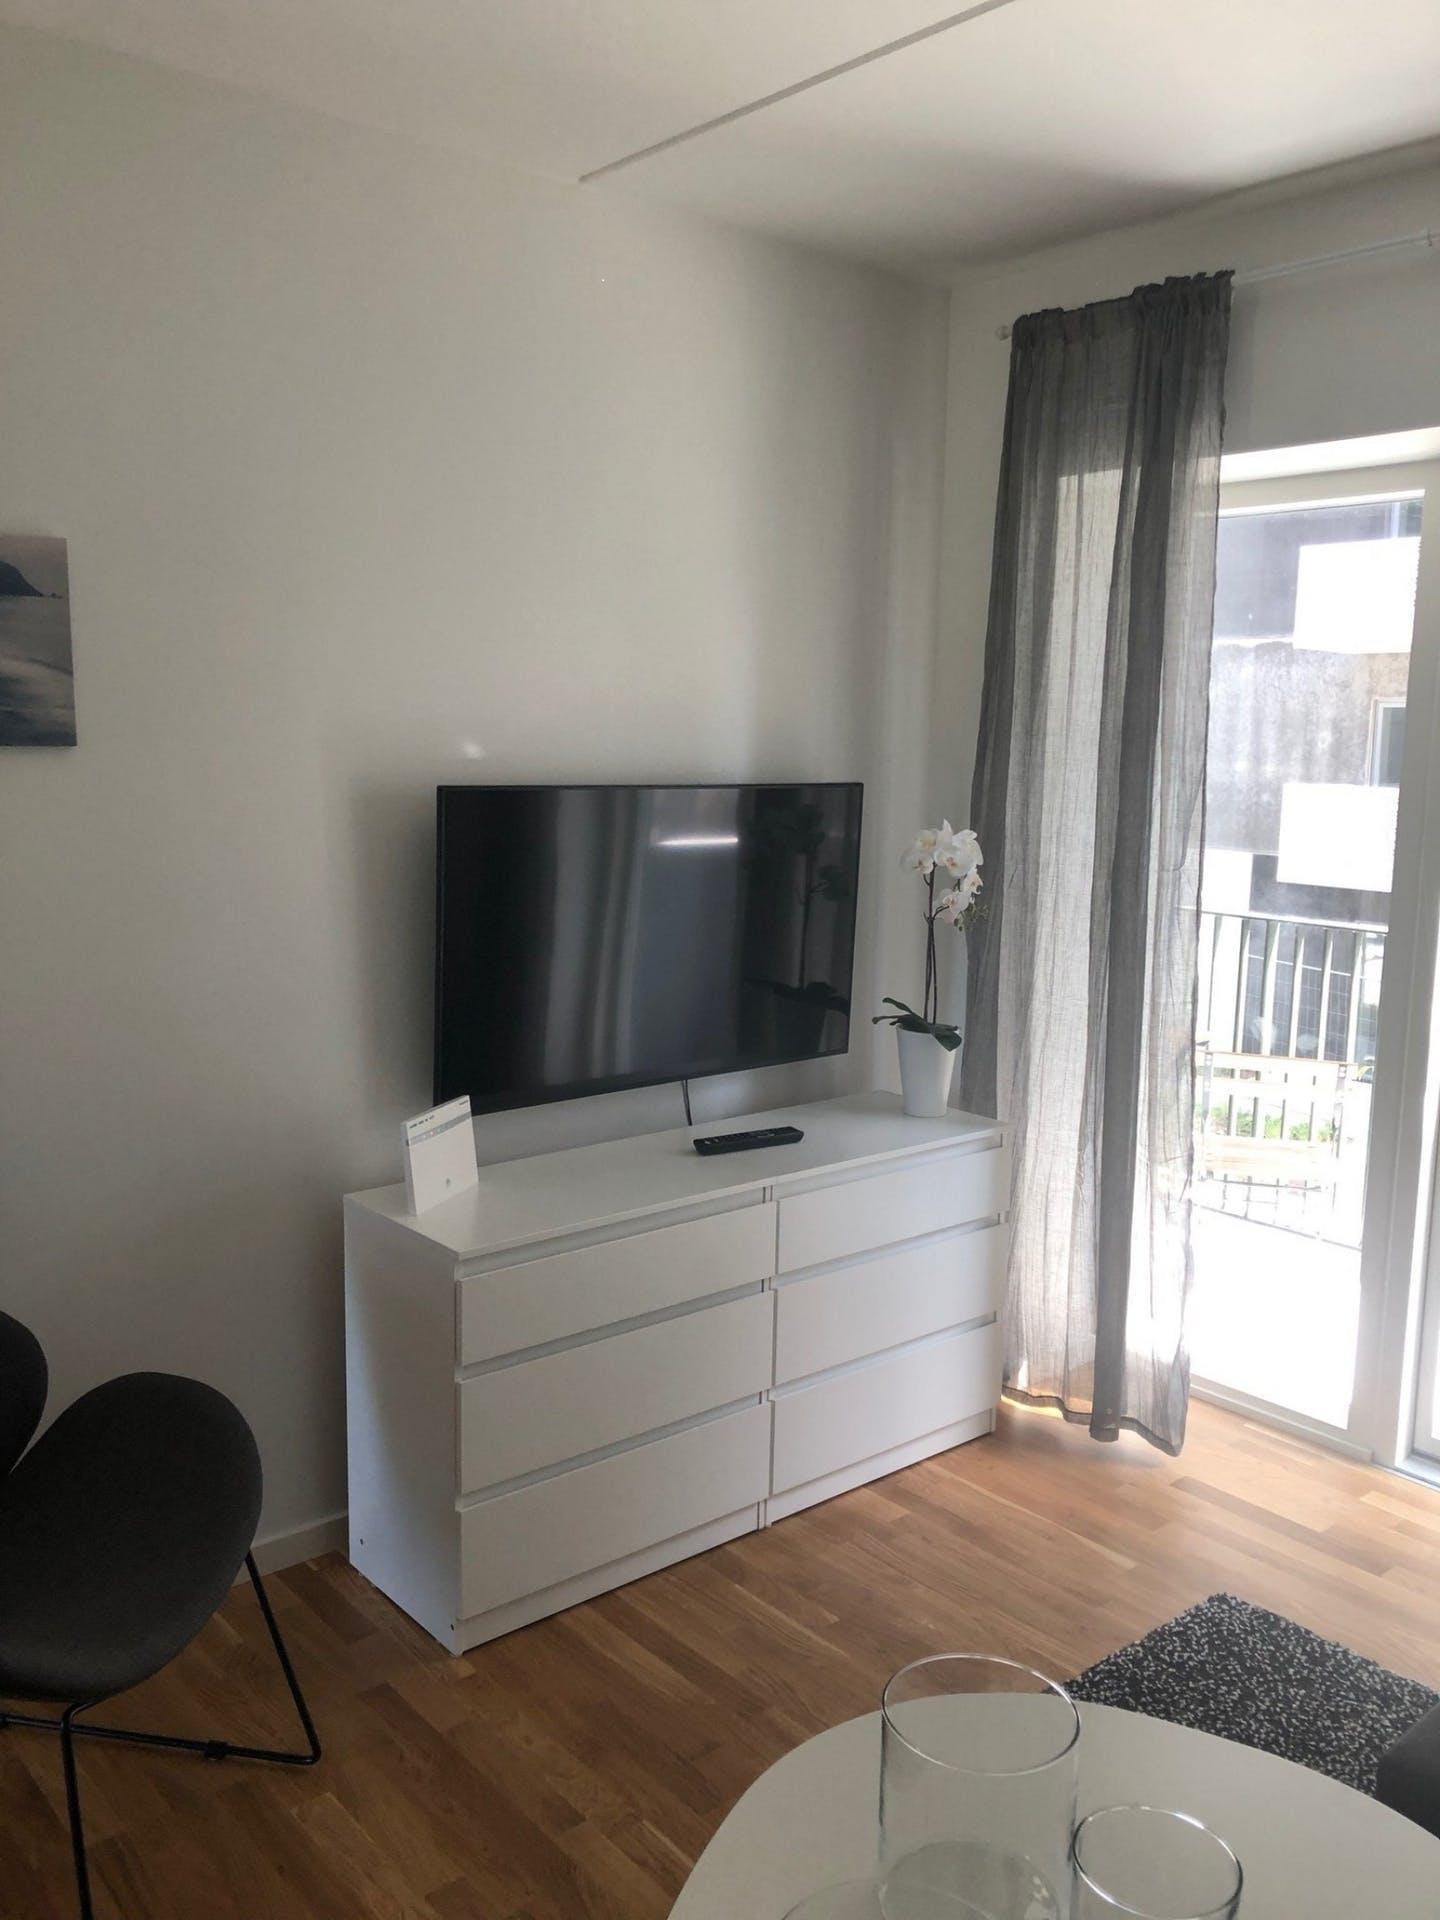 TV at Møllehatten 11 Apartment, Risskov, Aarhus